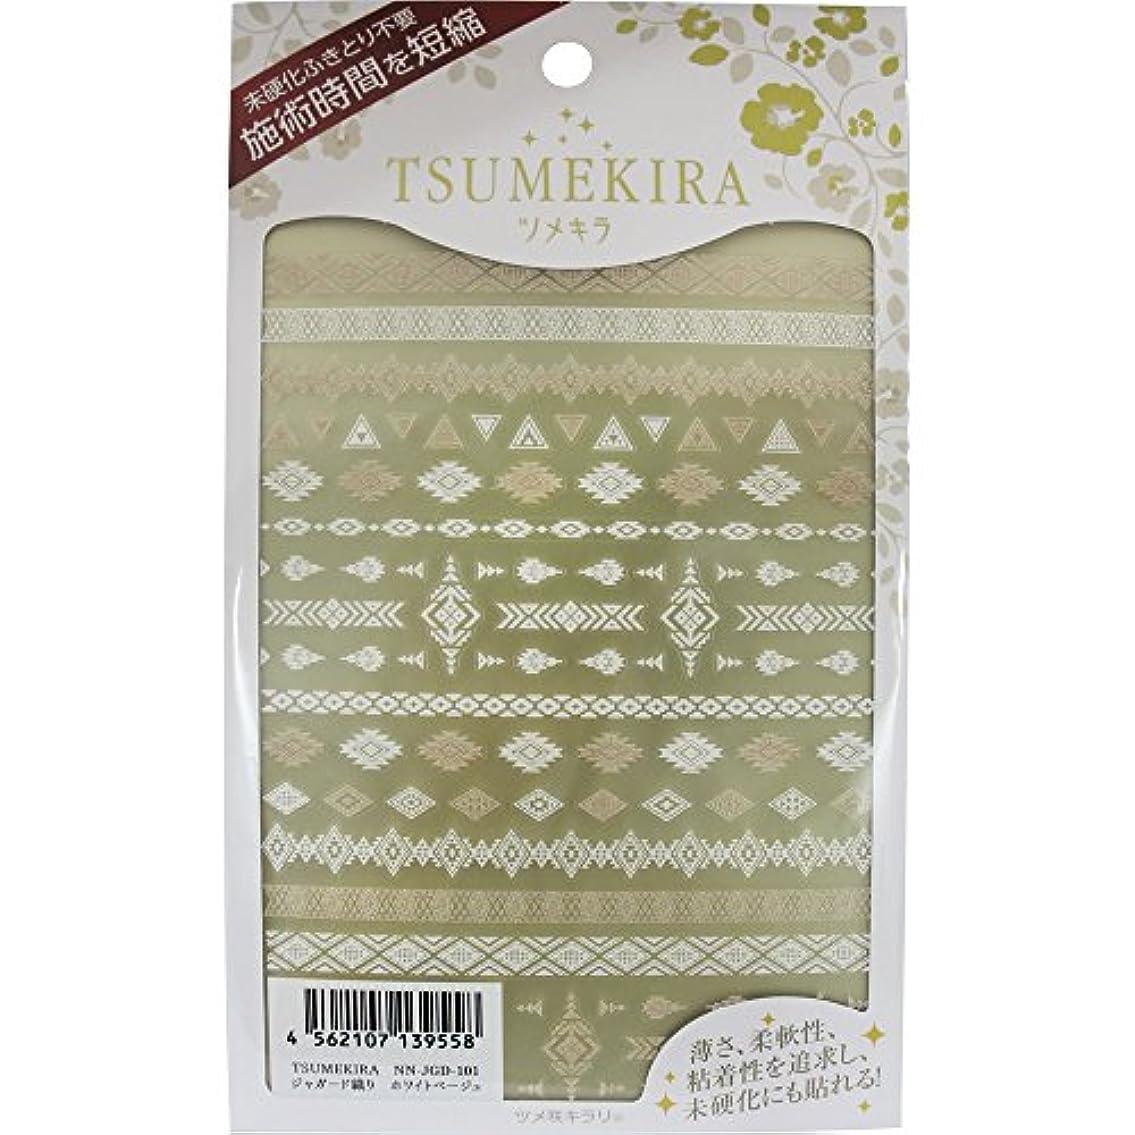 懐疑的軽減する本ツメキラ(TSUMEKIRA) ネイル用シール ジャガード織り ホワイトベージュ NN-JGD-101